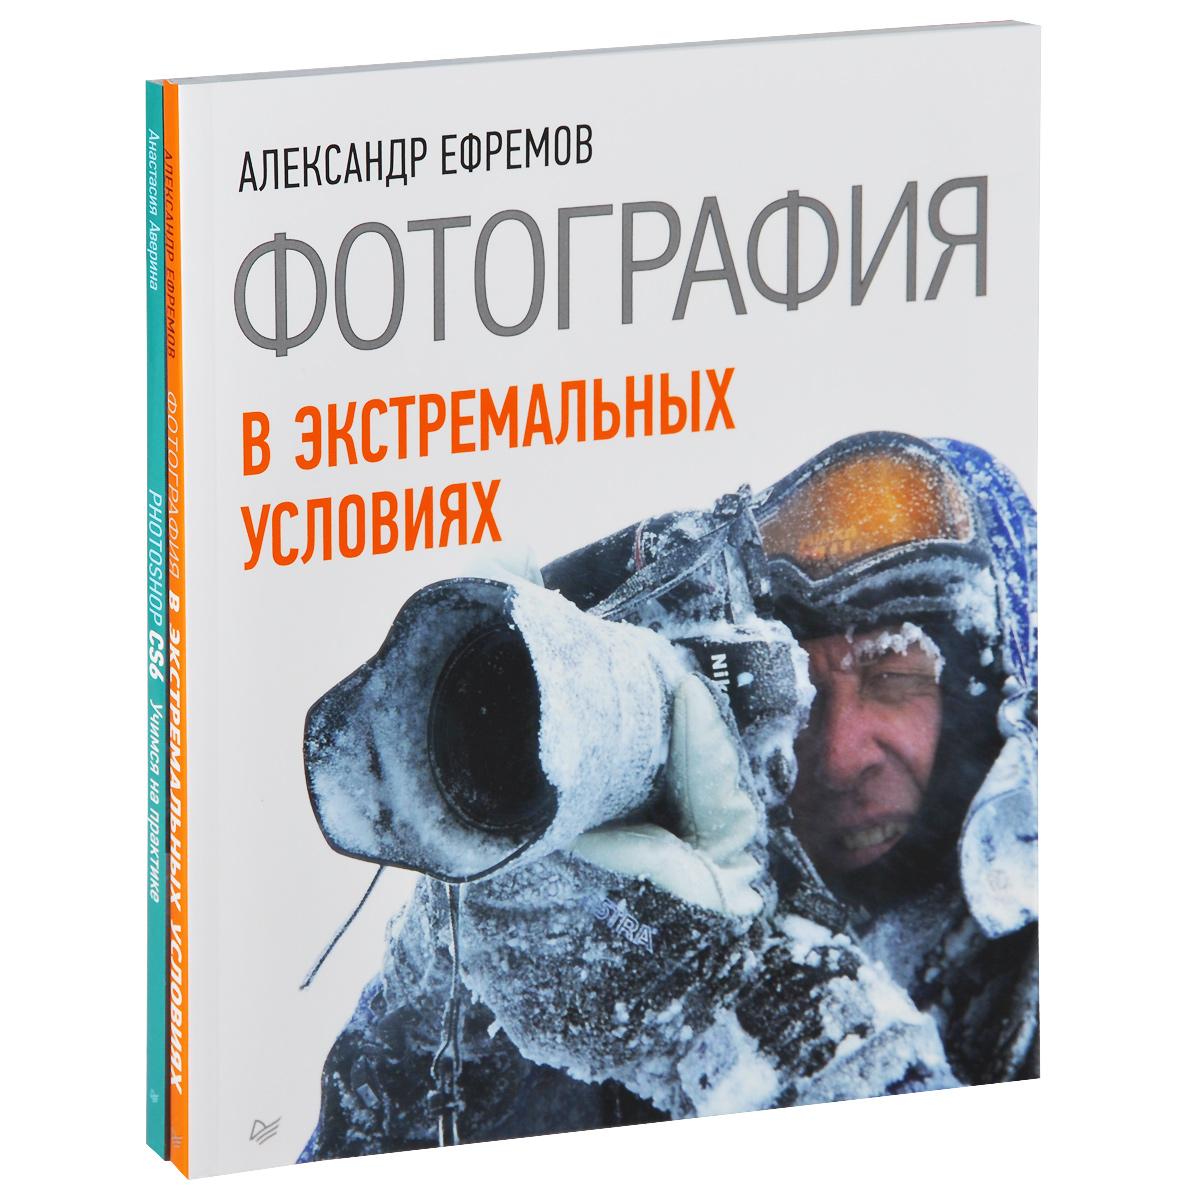 Фотография в экстремальных условиях. Photoshop CS6. Учимся на практике (комплект из 2 книг)